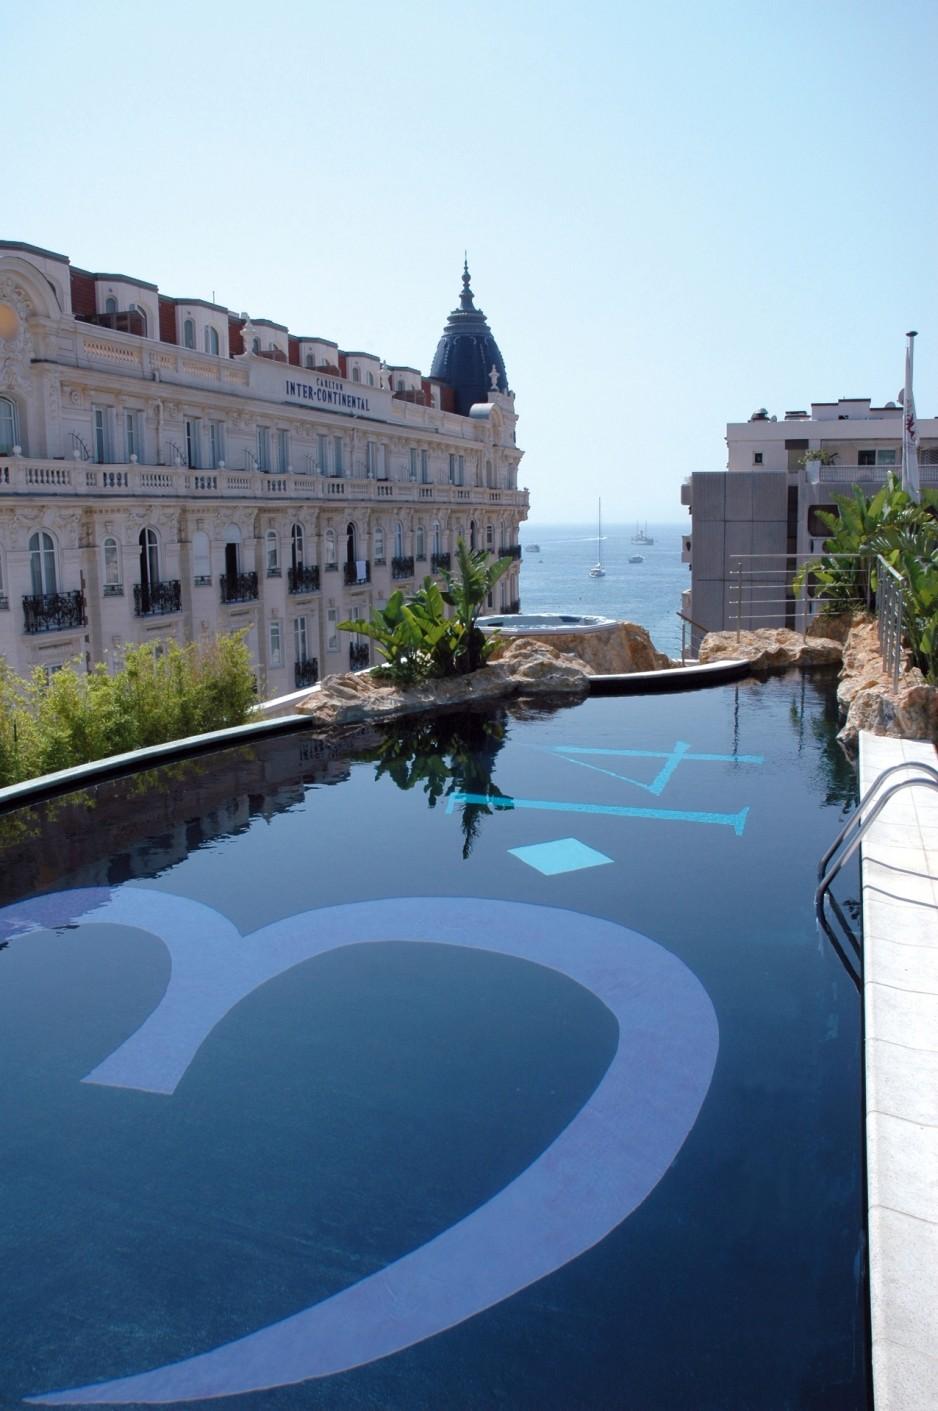 H tel journ e cannes h tel cannes r servez un day - Hotel nice piscine sur le toit ...